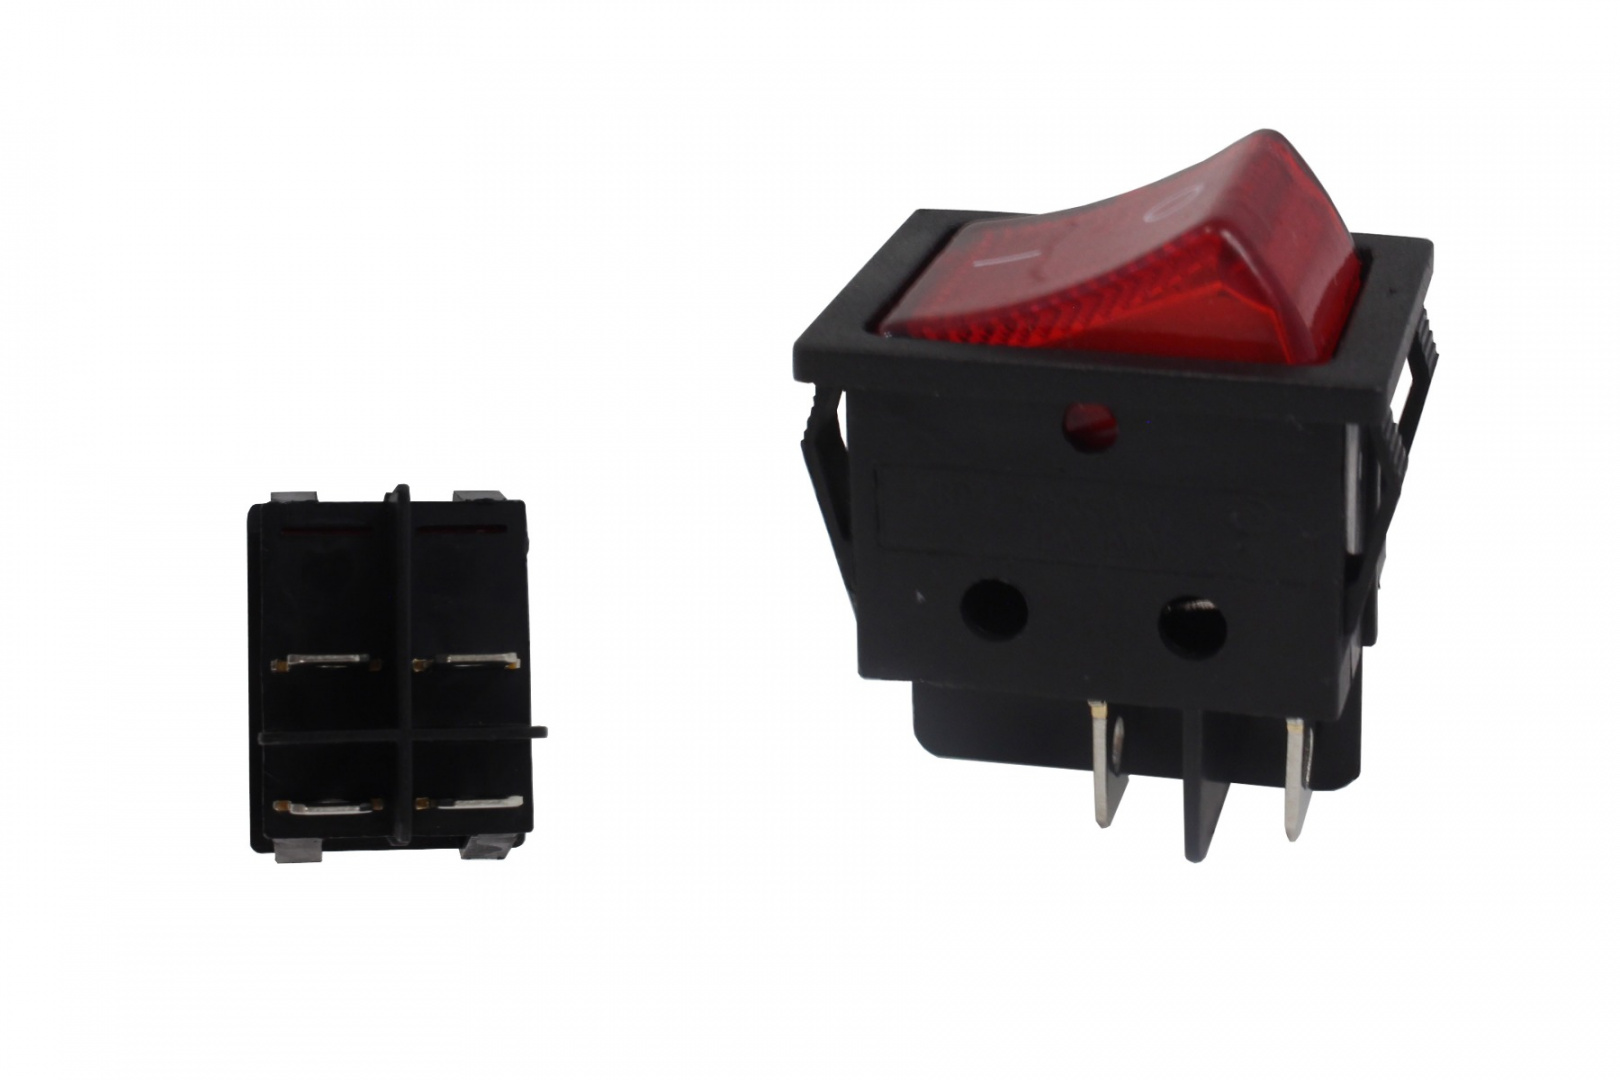 Włącznik rocker 4 PIN Red - GRUBYGARAGE - Sklep Tuningowy